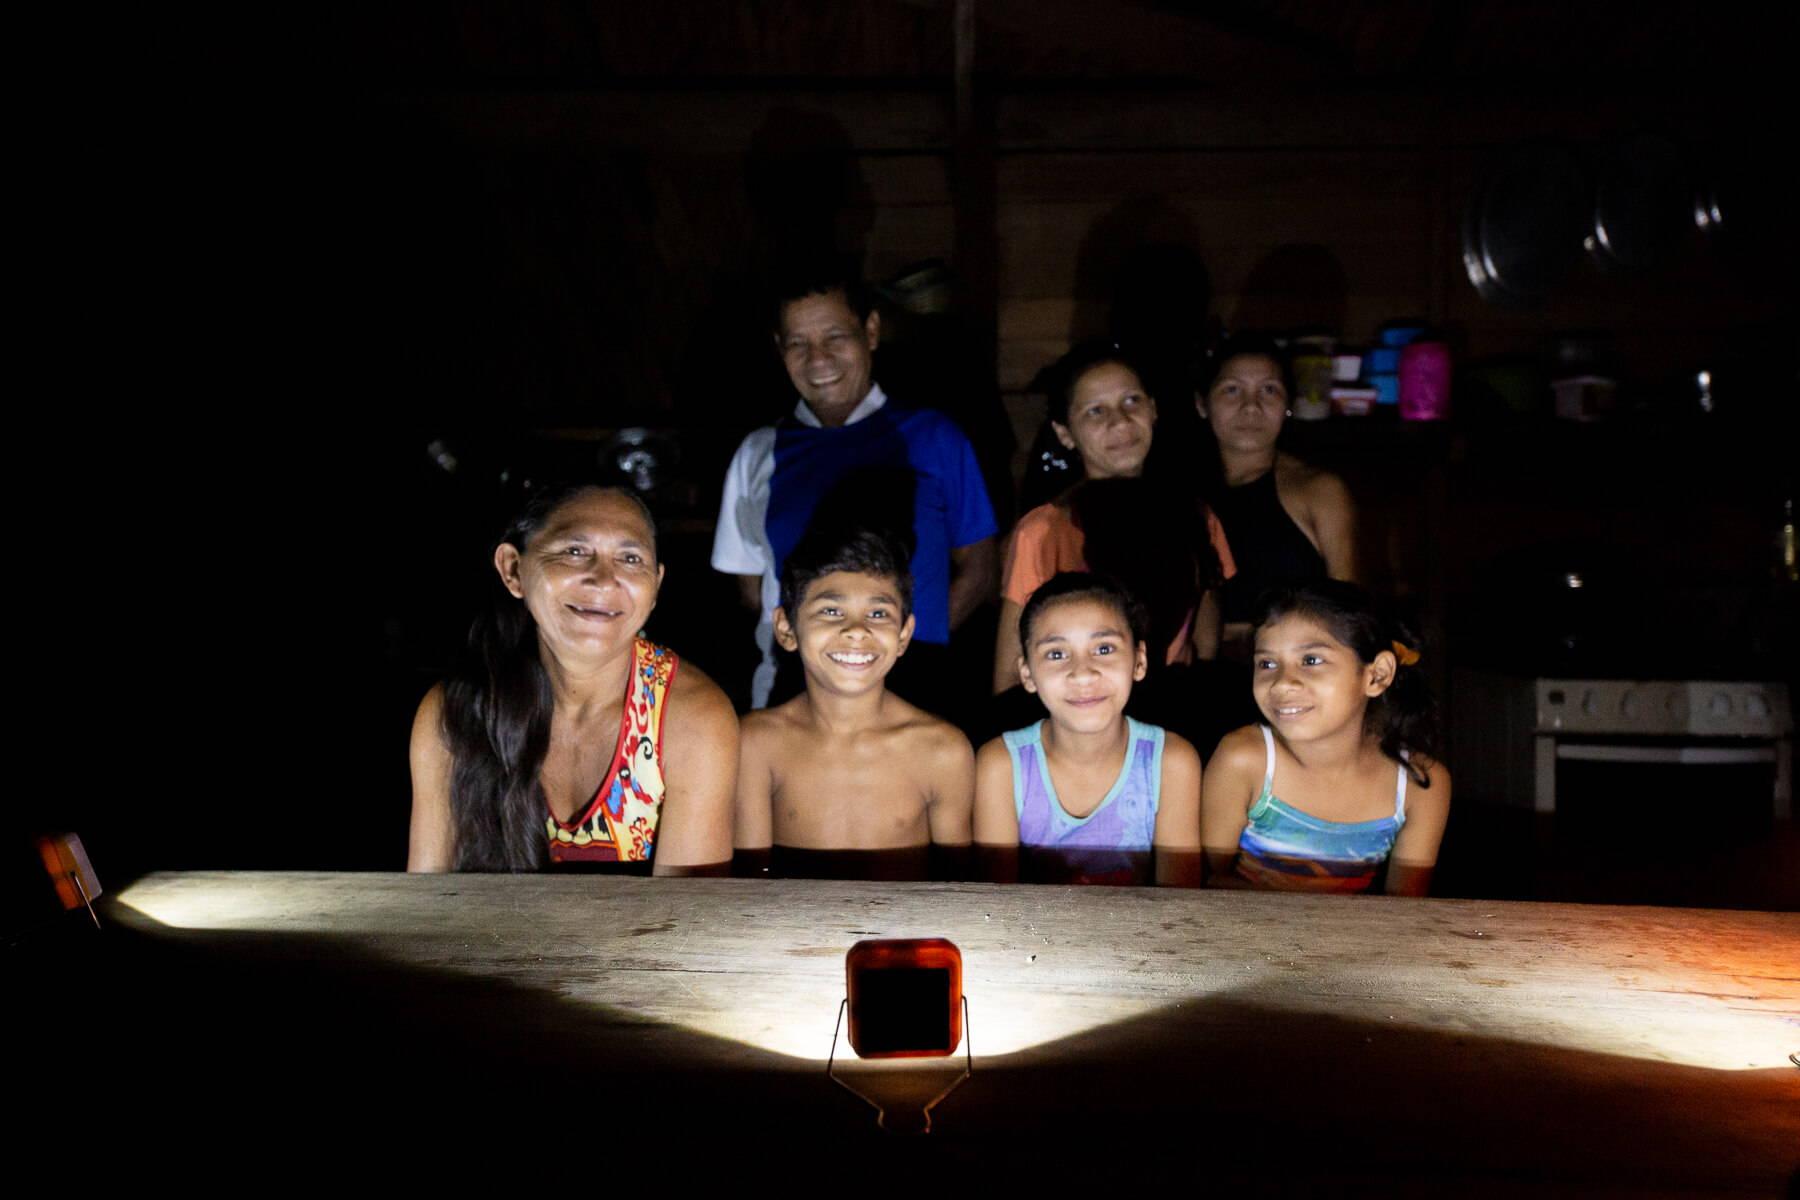 Son millones de personas las que viven sin acceso a la electricidad en el Amazonas. Esta familia puede disfrutar de energía limpia gracias a los productos solares de Light For Humanity, con los que su día no acaba cuándo el sol se esconde.